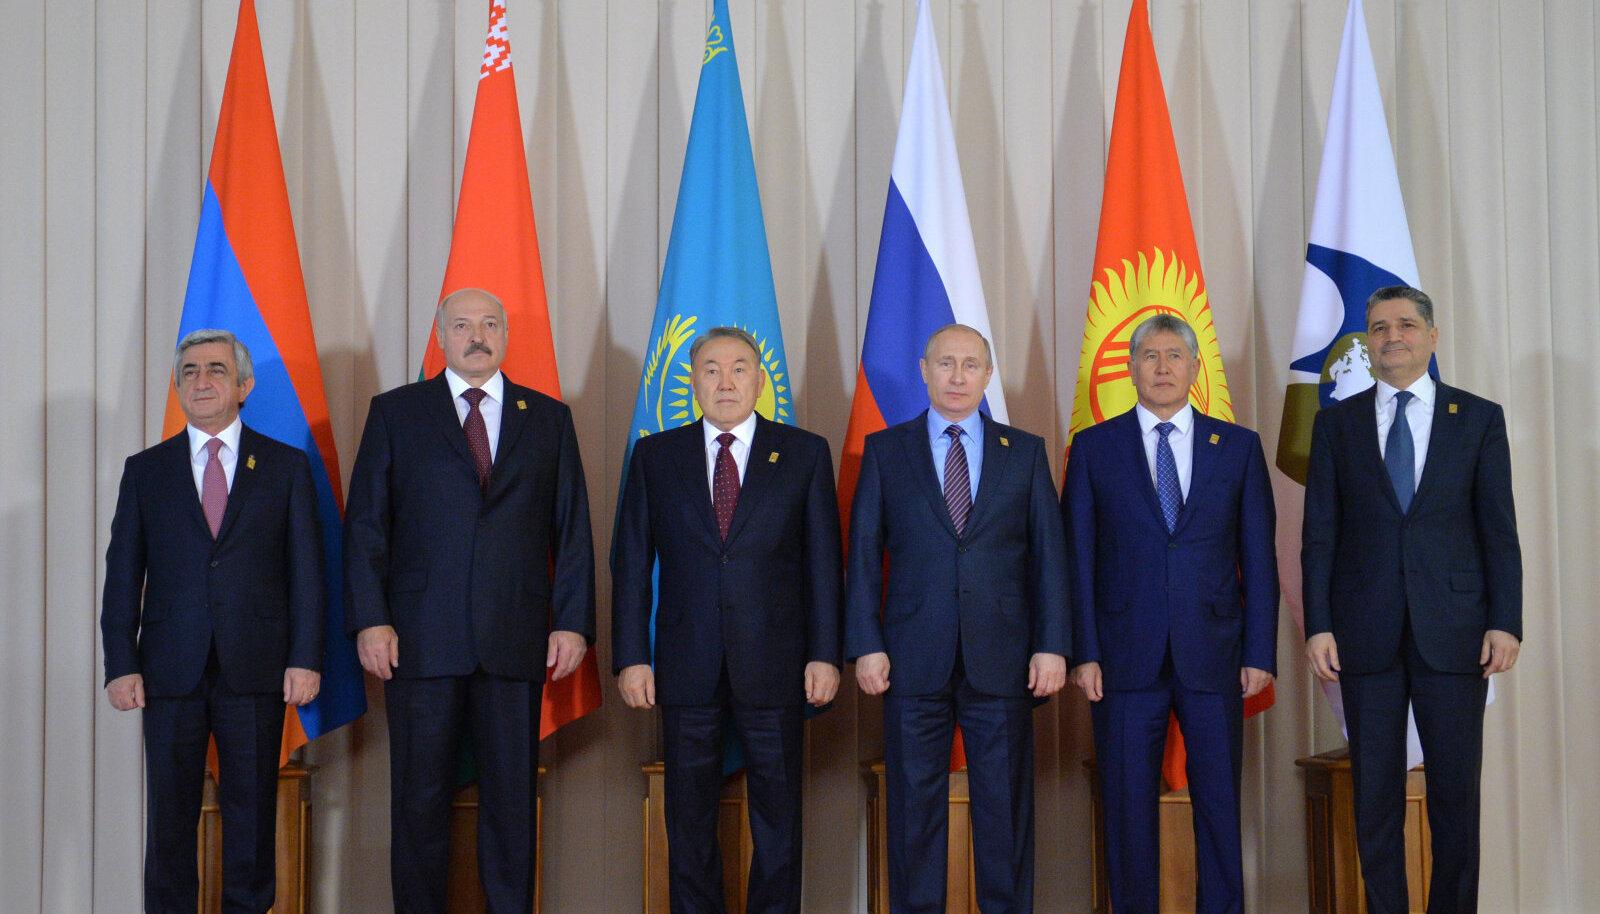 Встреча членов Евразийского союза. Архив